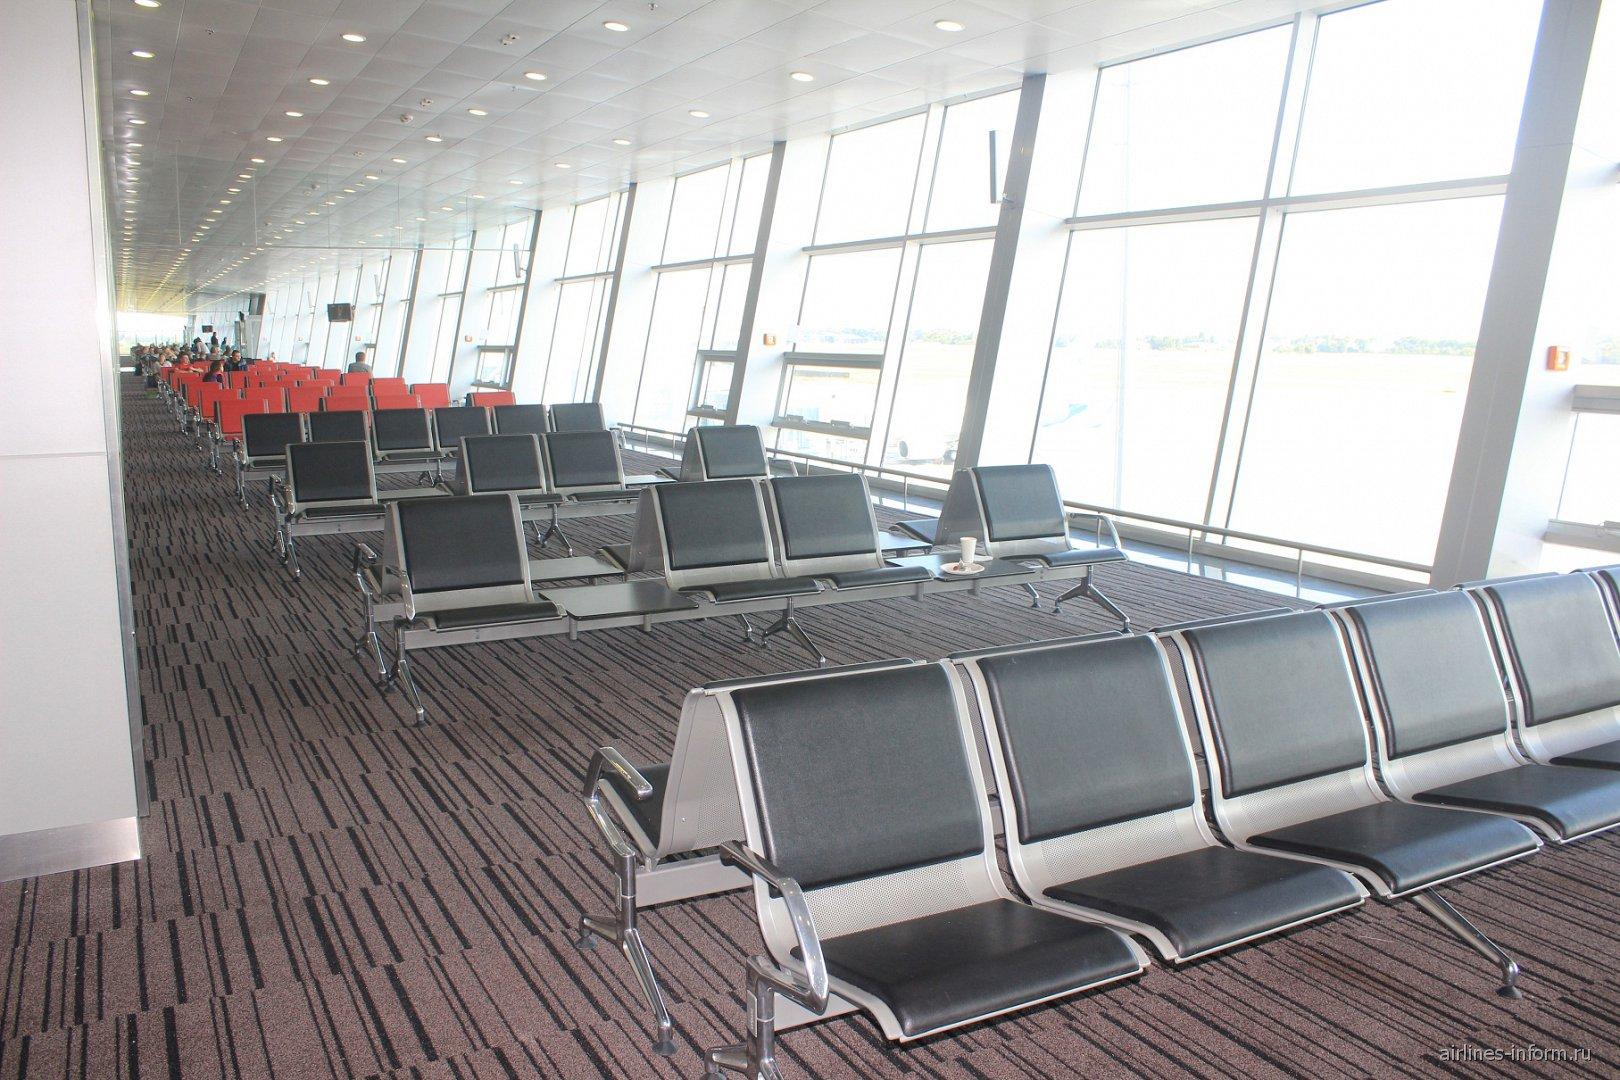 Зал ожидания перед вылетом в чистой зоне Терминала D аэропорта Борисполь